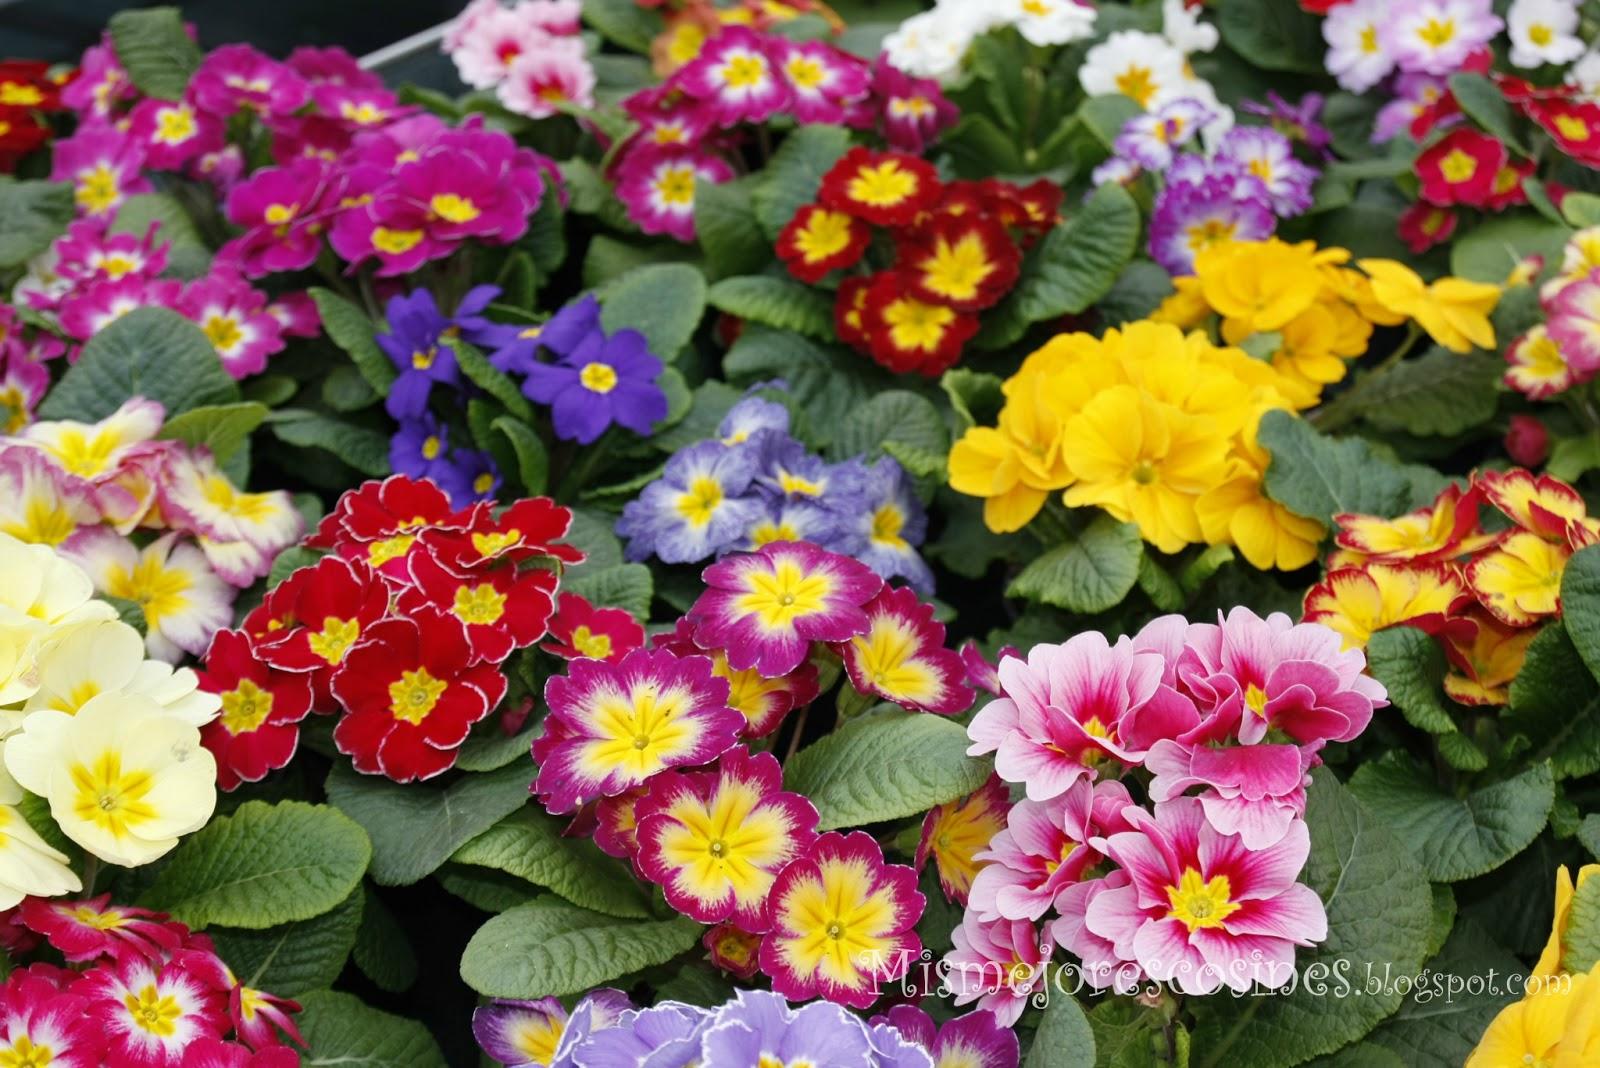 Mis mejores cosines ciclamens primaveras y mas flores en for Viveros de plantas en concepcion